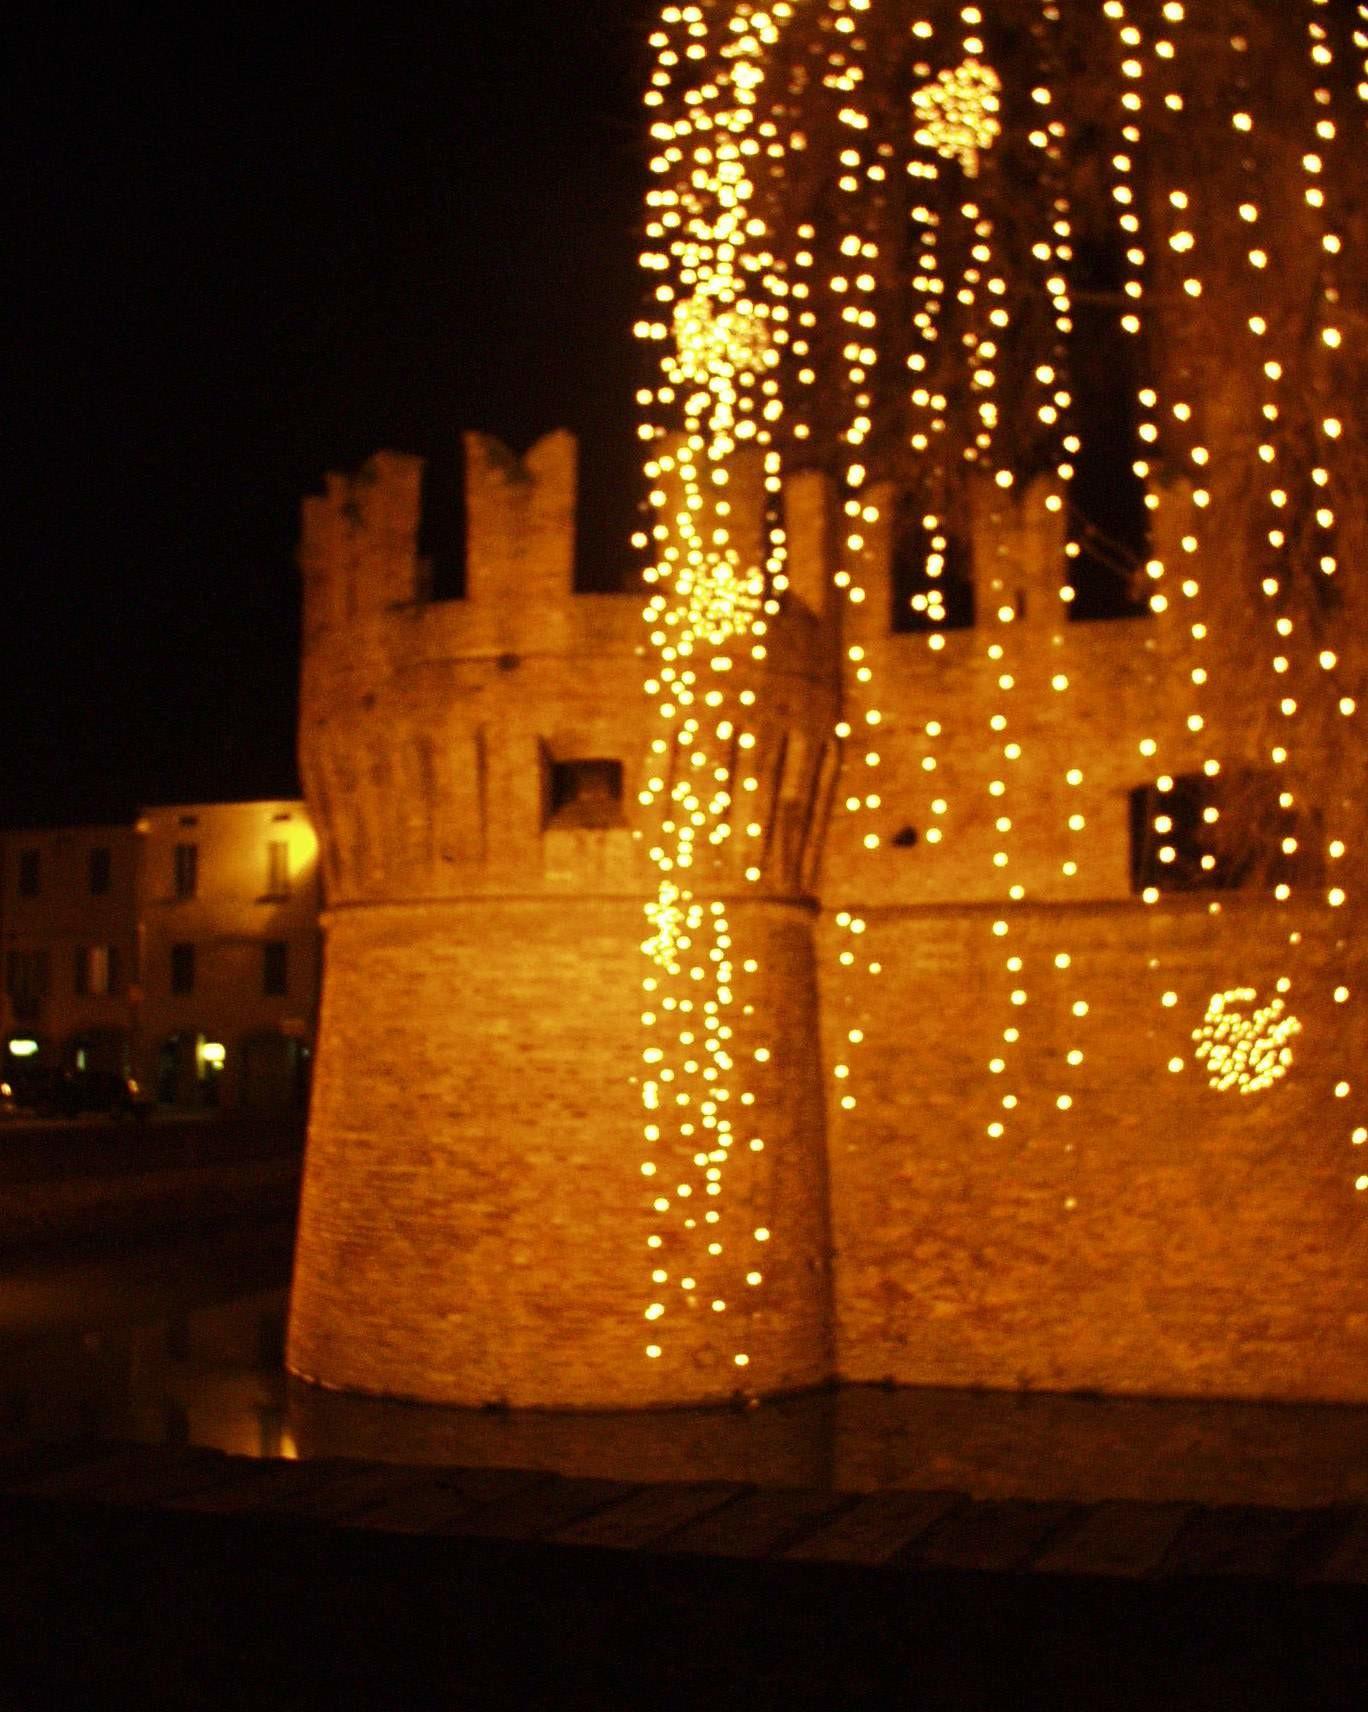 Capodanno in Castello a Fontanellato : visita speciale con brindisi augurale